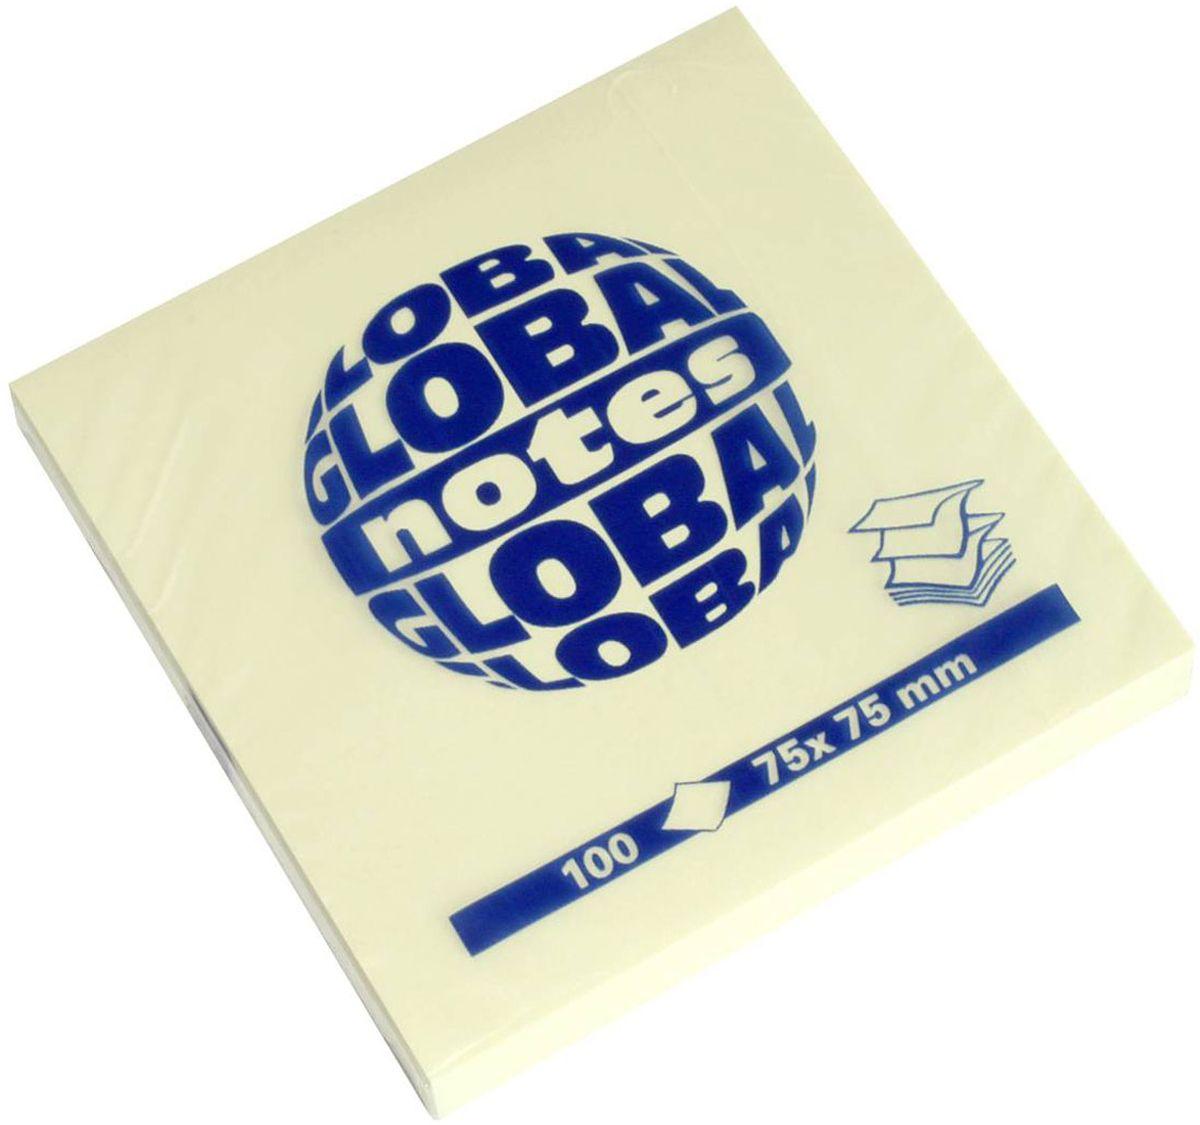 Global Notes Бумага для заметок с липким слоем цвет желтый 100 листов364401Бумага для заметок с липким краем Global Notes - это удобное и практичное решение для быстрой записи информации дома или на работе.Качественная клеевая полоса рассчитана на крепление к любой поверхности, позволяет приклеивать и отклеивать листок неограниченное количество раз, не оставляя следов.